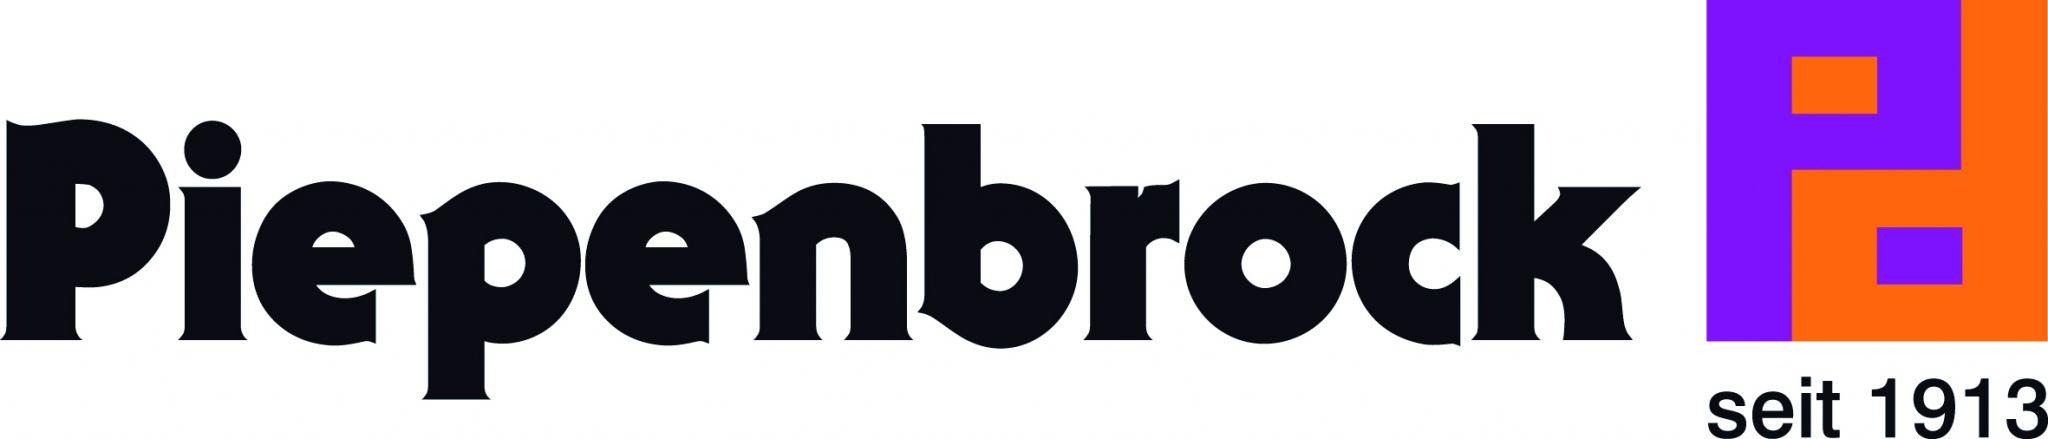 logo_piepenbrock_seit_1913